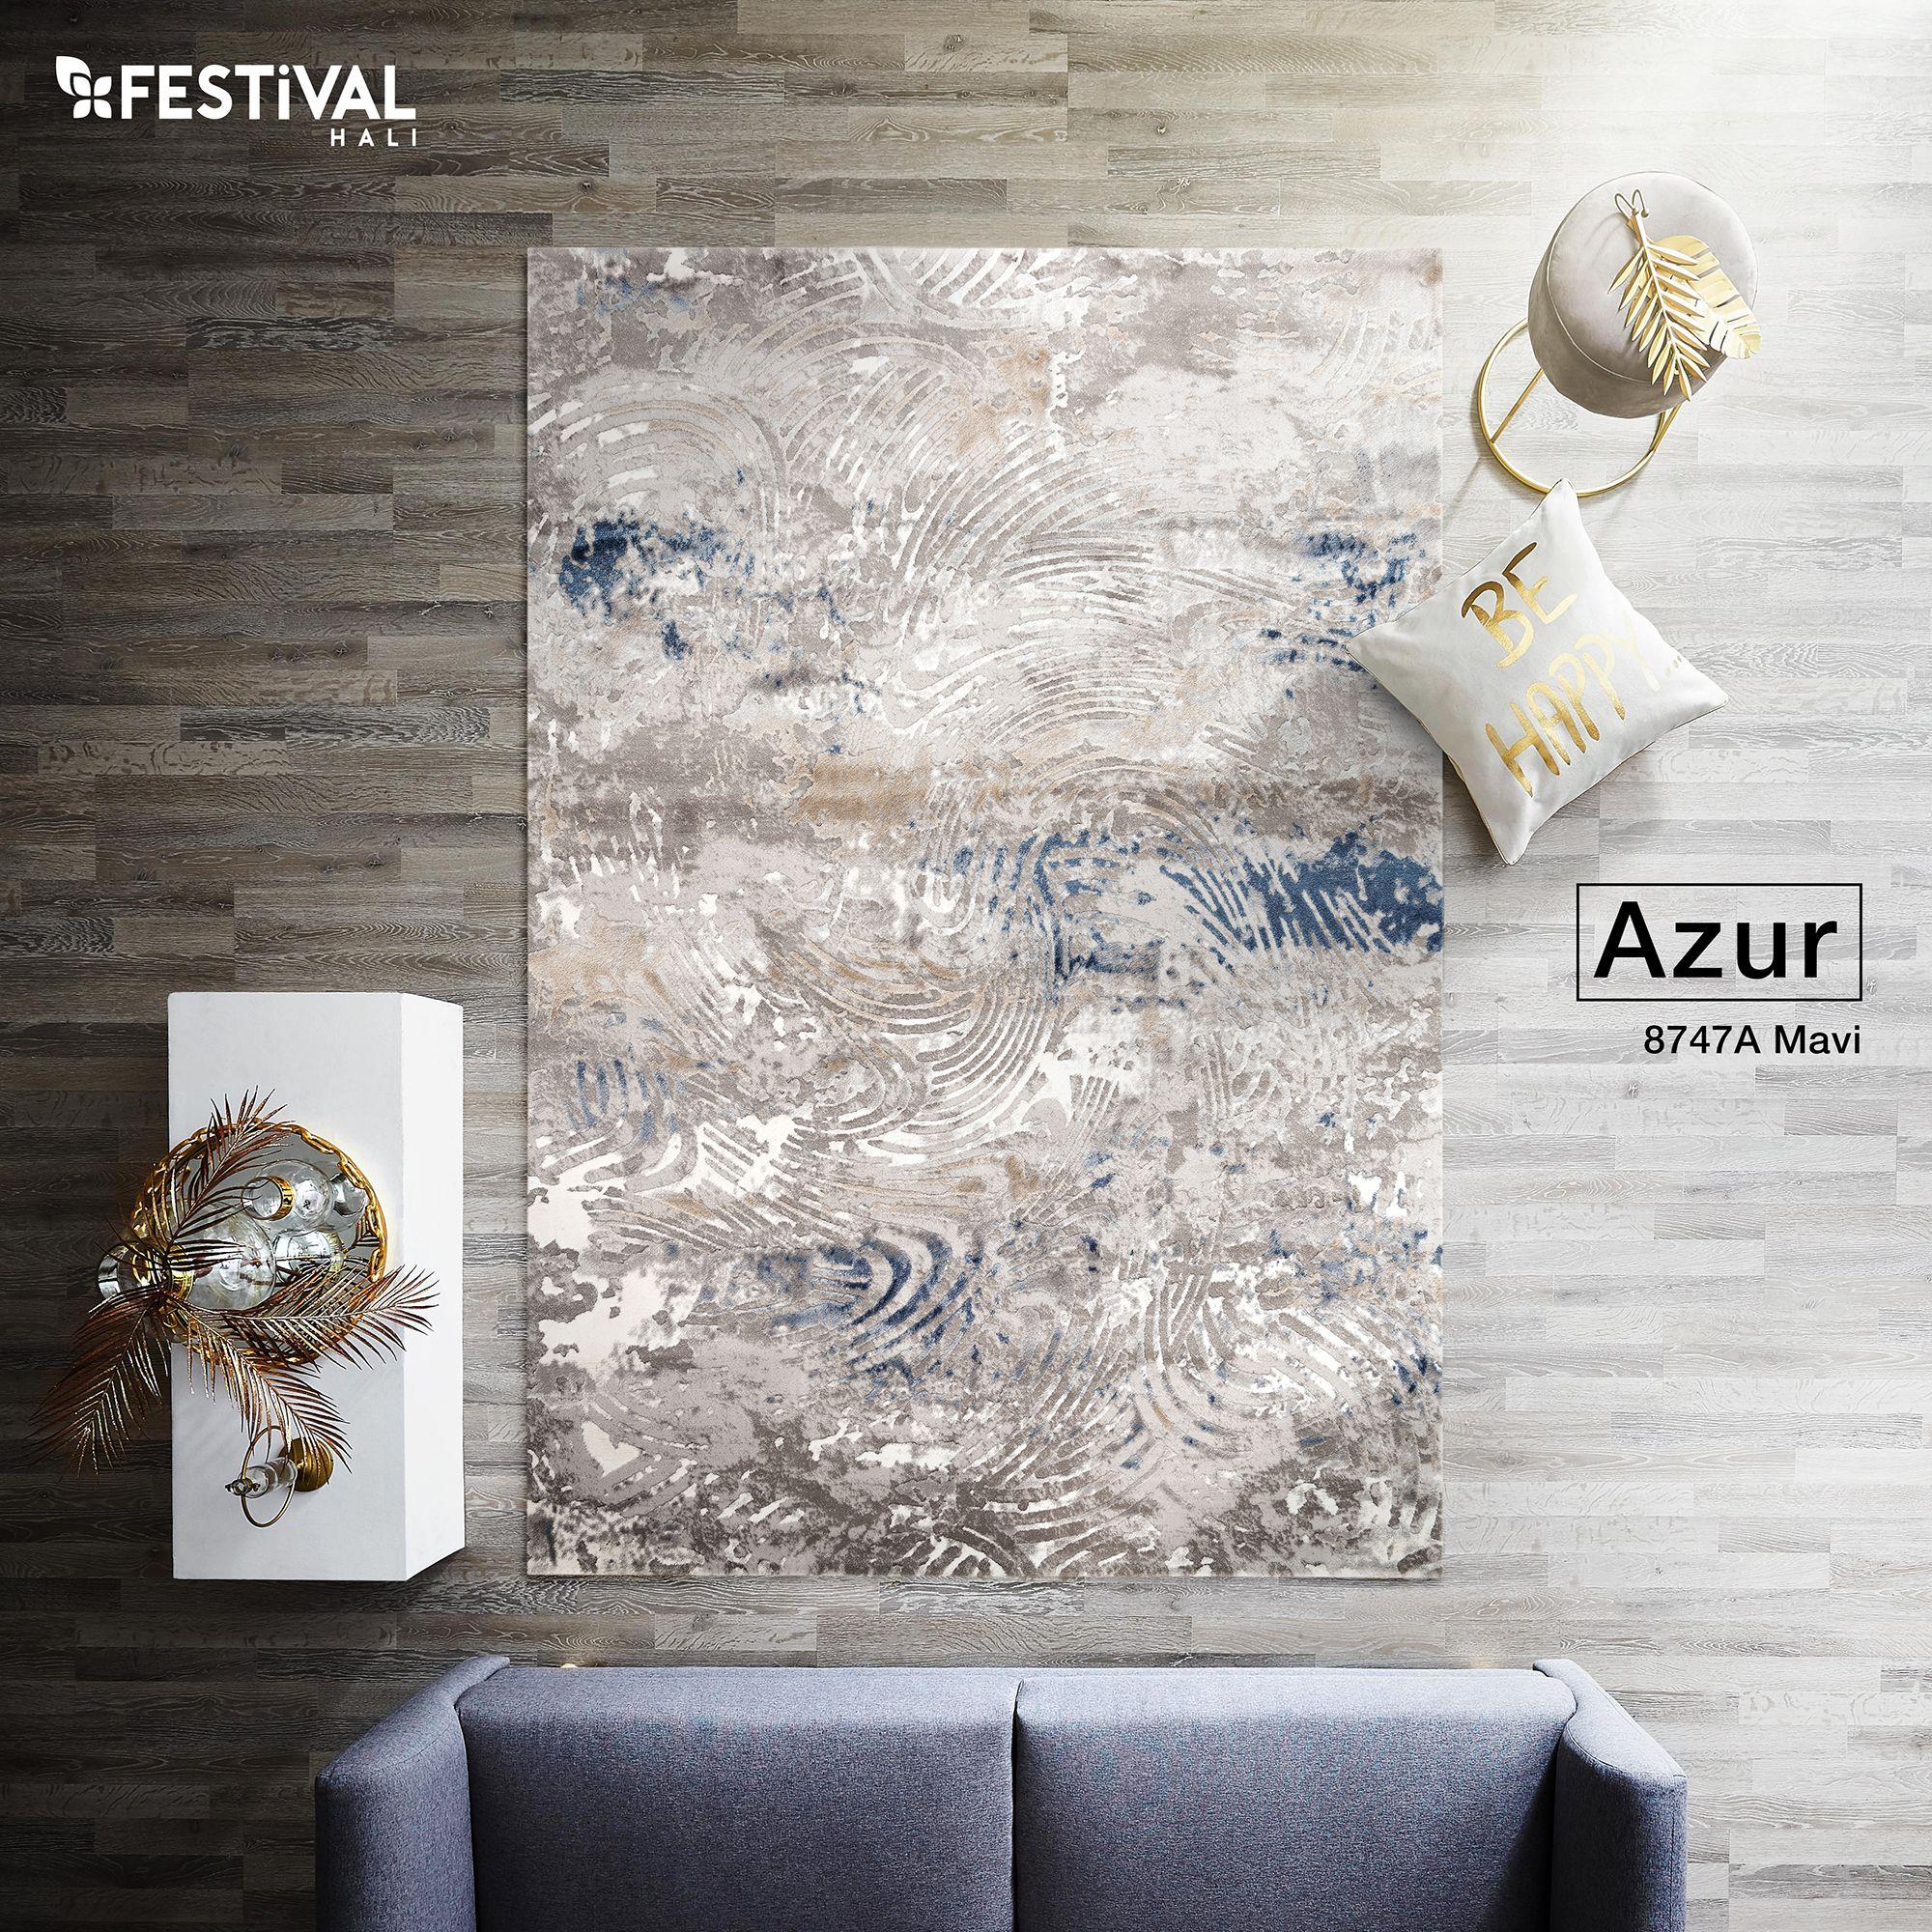 Azur koleksiyonu, modern tasarım çizgisini, yalın geometrisi ile tamamlayarak dekorasyona zenginlik, sizlere mutluluk katıyor. #dekorasyonfikirleri #evdekorasyonu #evmoda #festivalhalı #halı #modern #modernhalı #azur #hali #odadekorasyonu #mavi